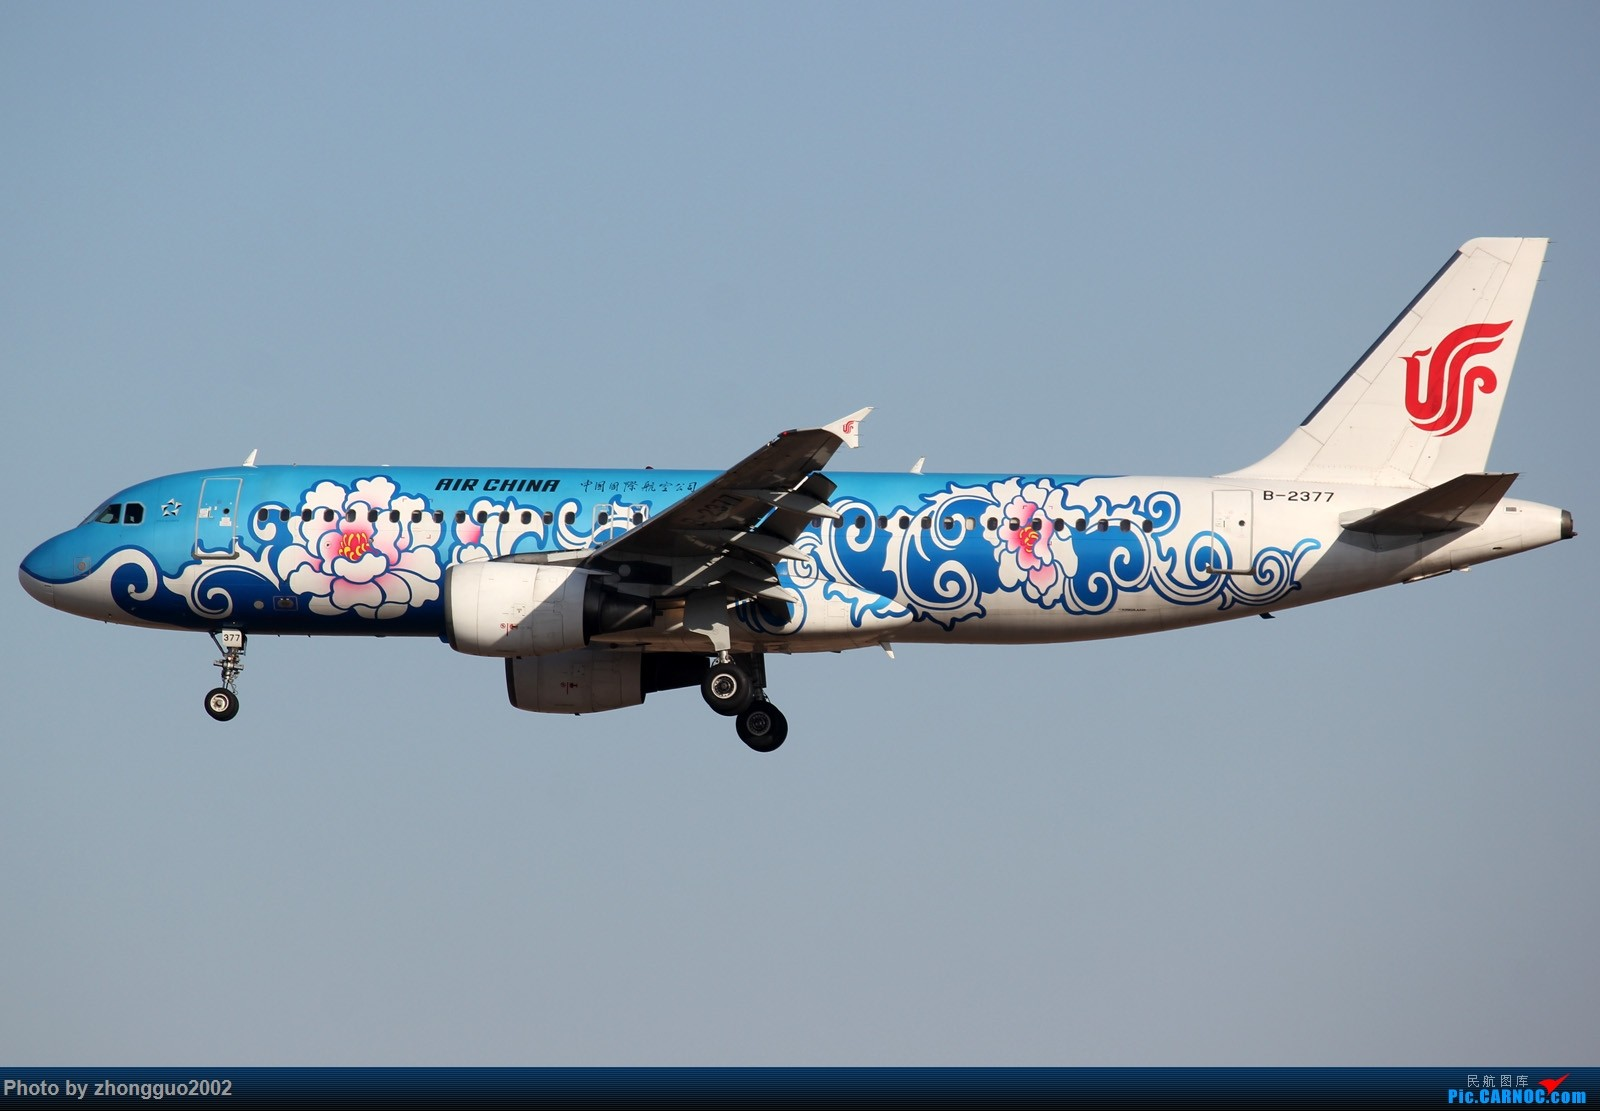 """Re:[原创]北京强劲的偏北风,把庞大的A380都""""吹""""的复飞了,我还是第一次见到,好天气再发点图吧! AIRBUS A320-200 B-2377 中国北京首都国际机场"""